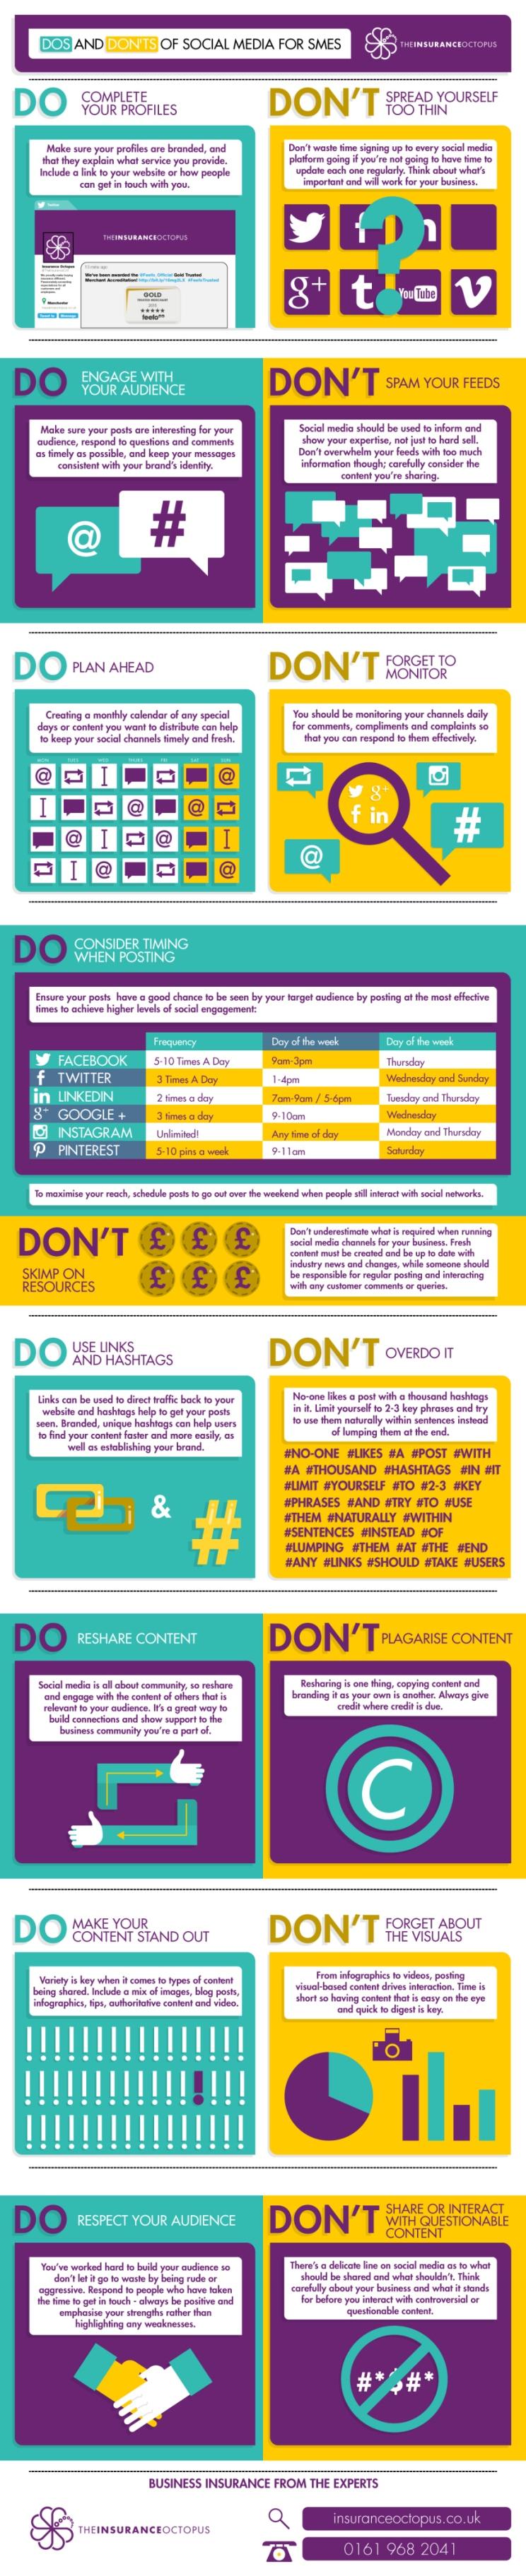 que-hacer-y-no-hacer-en-redes-sociales-infografia